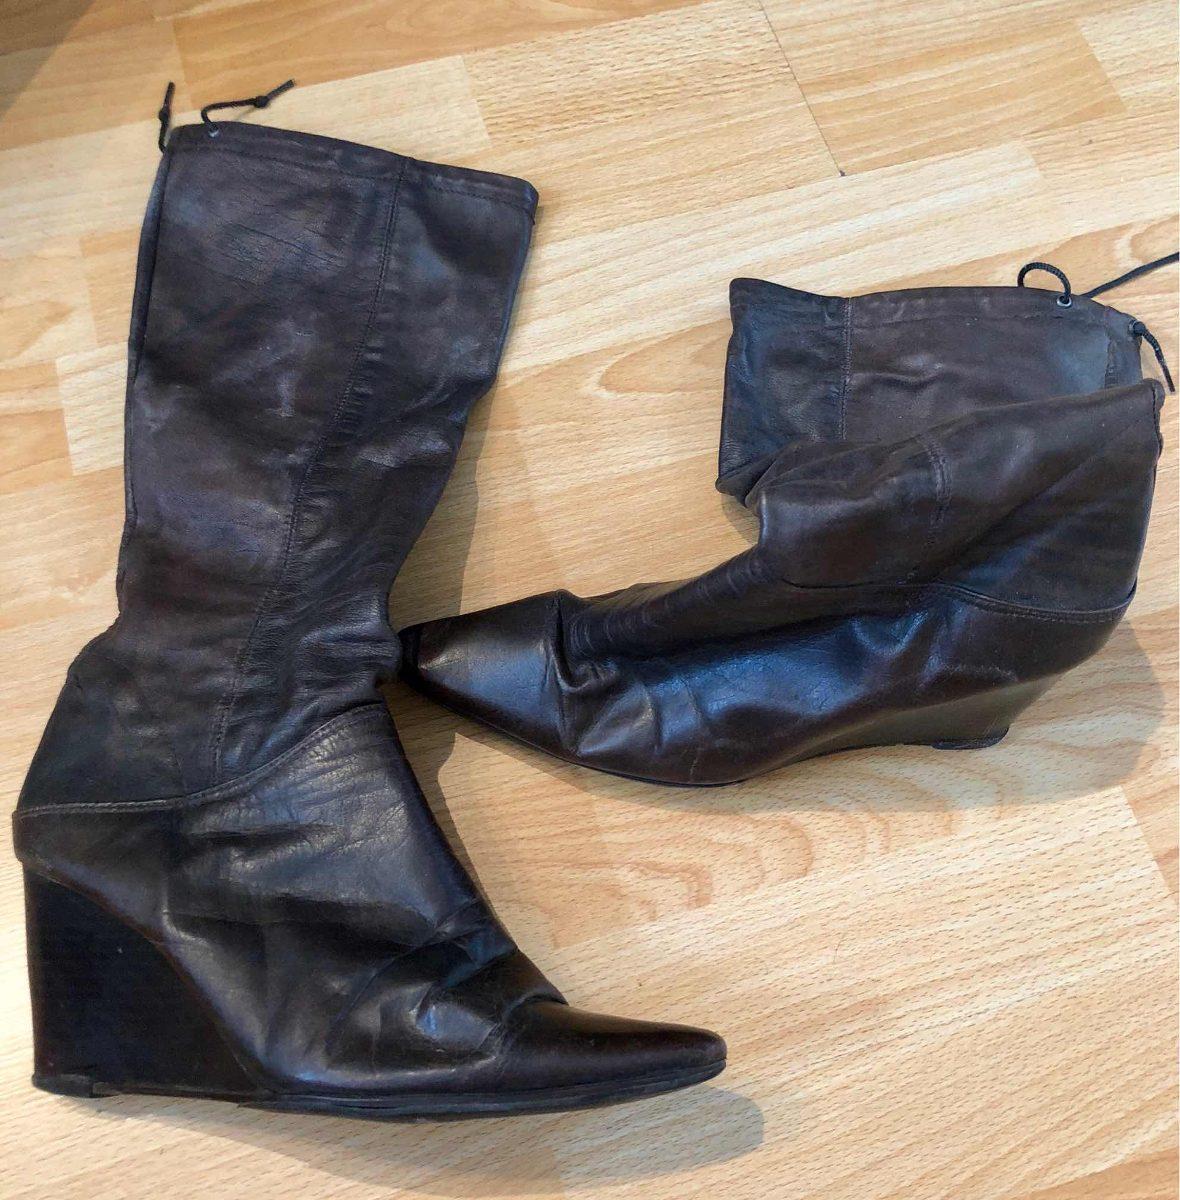 5d7810ade8b botas de cuero mujer caña alta. Cargando zoom.